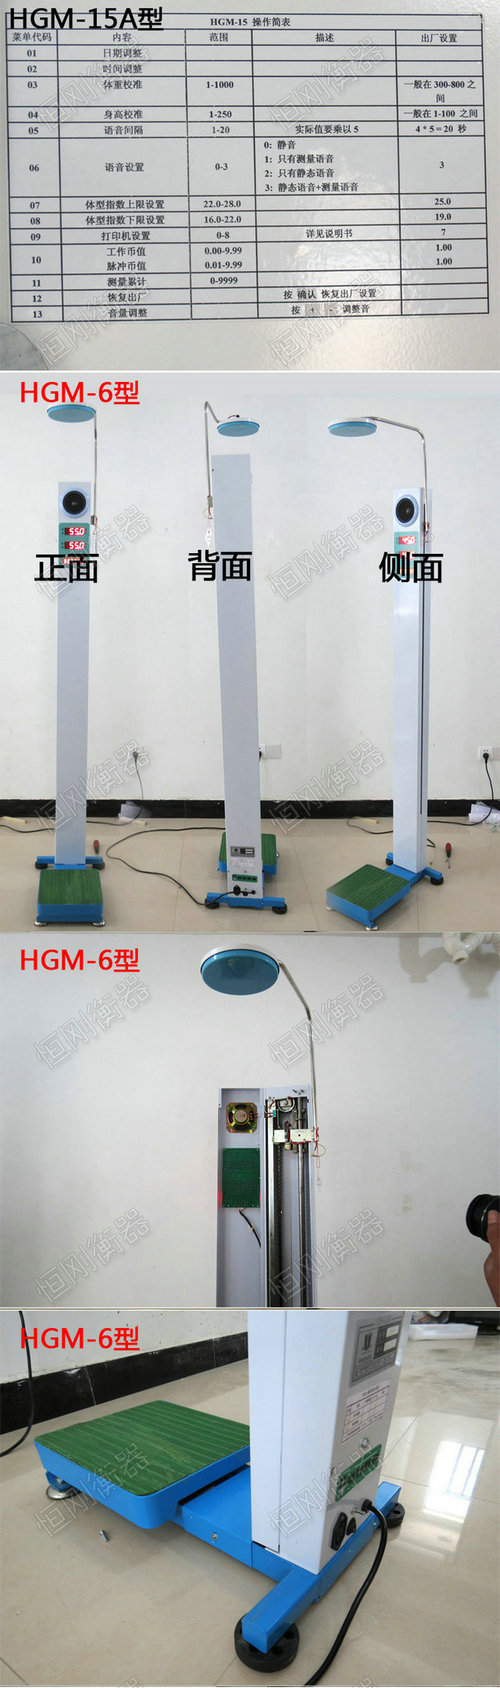 测身高和体重专用秤